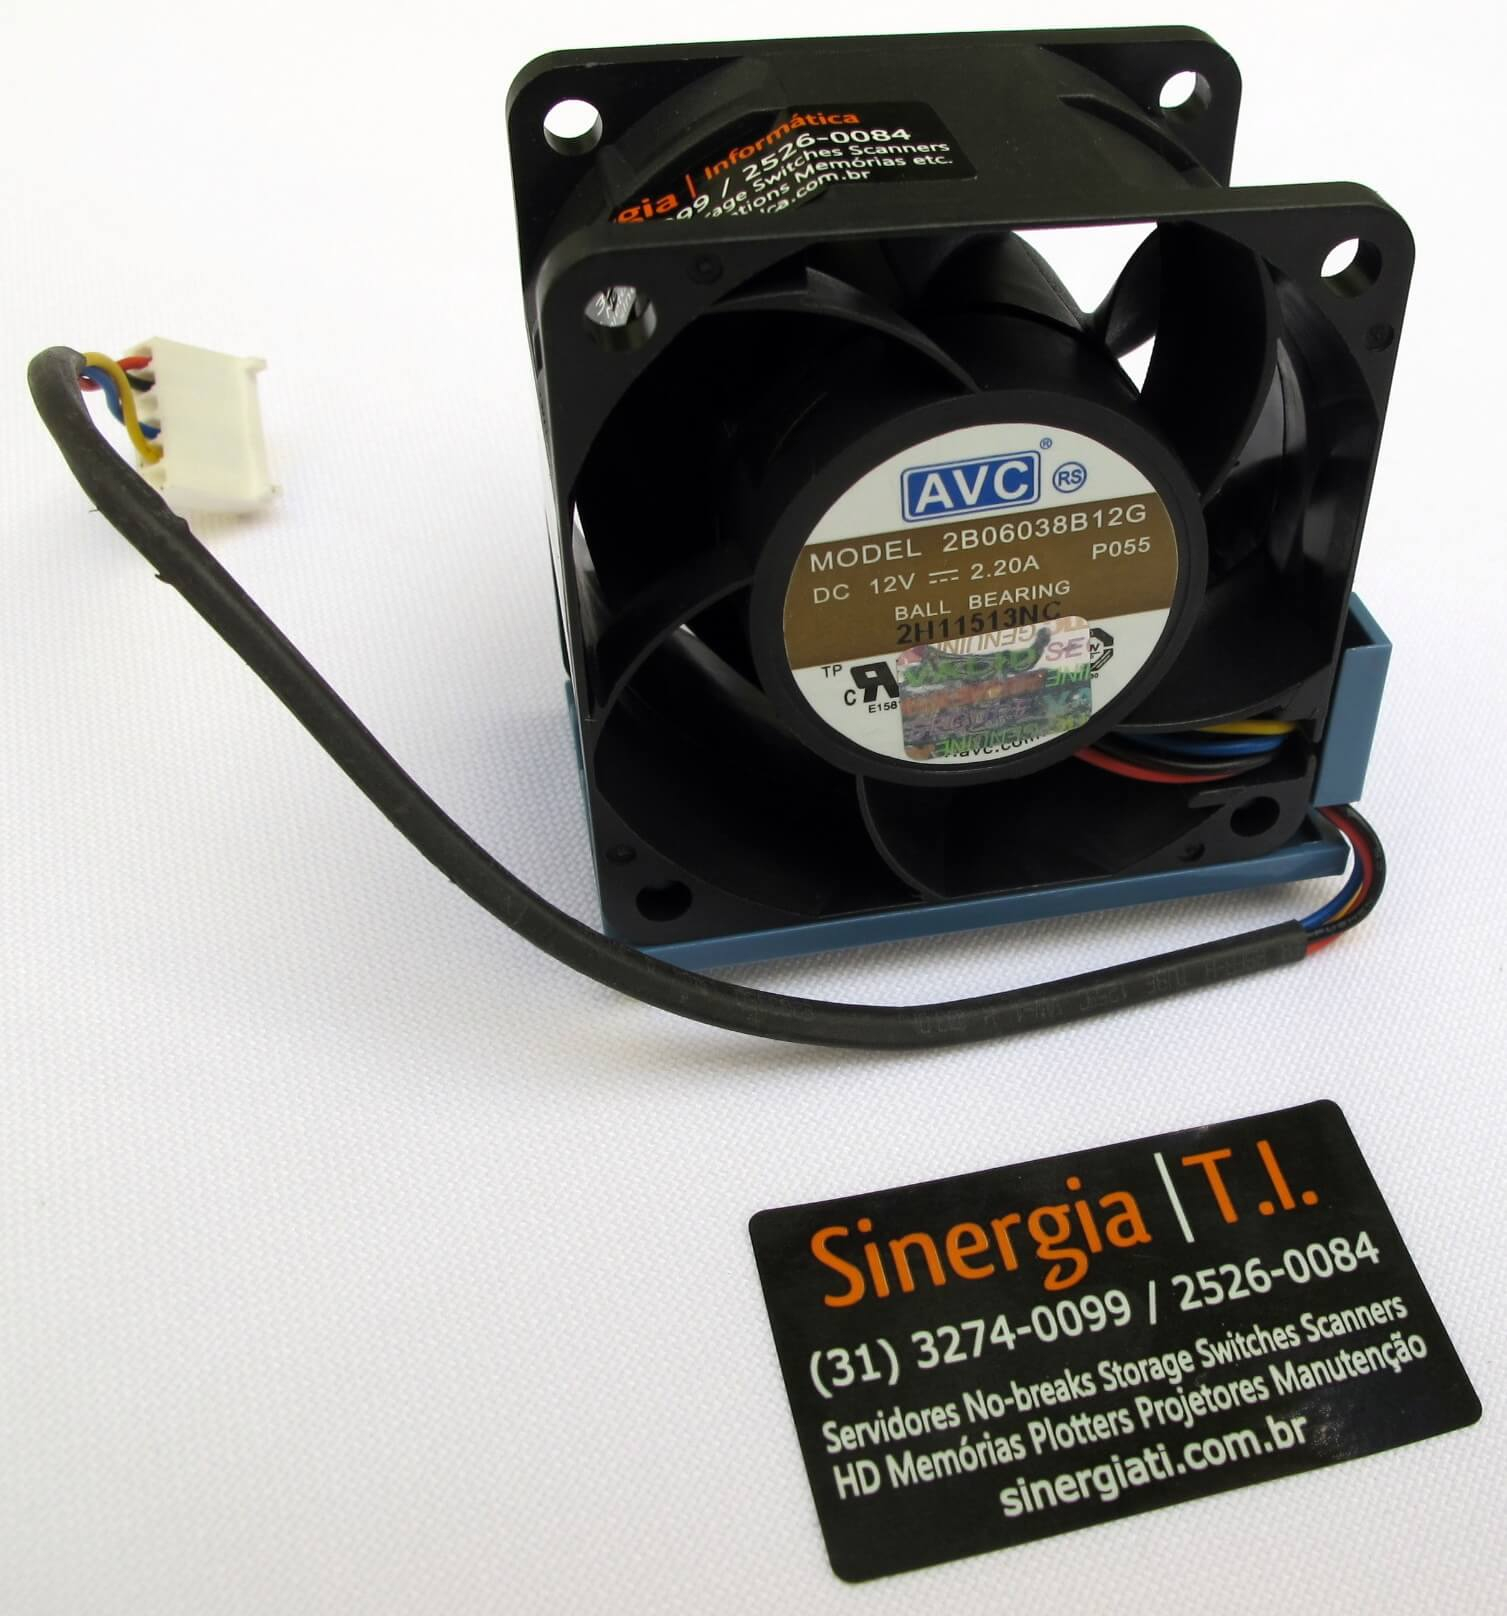 519199-001 Fan Cooler 2U Servidores HP DL160 e DL180 G6 e 530748-001